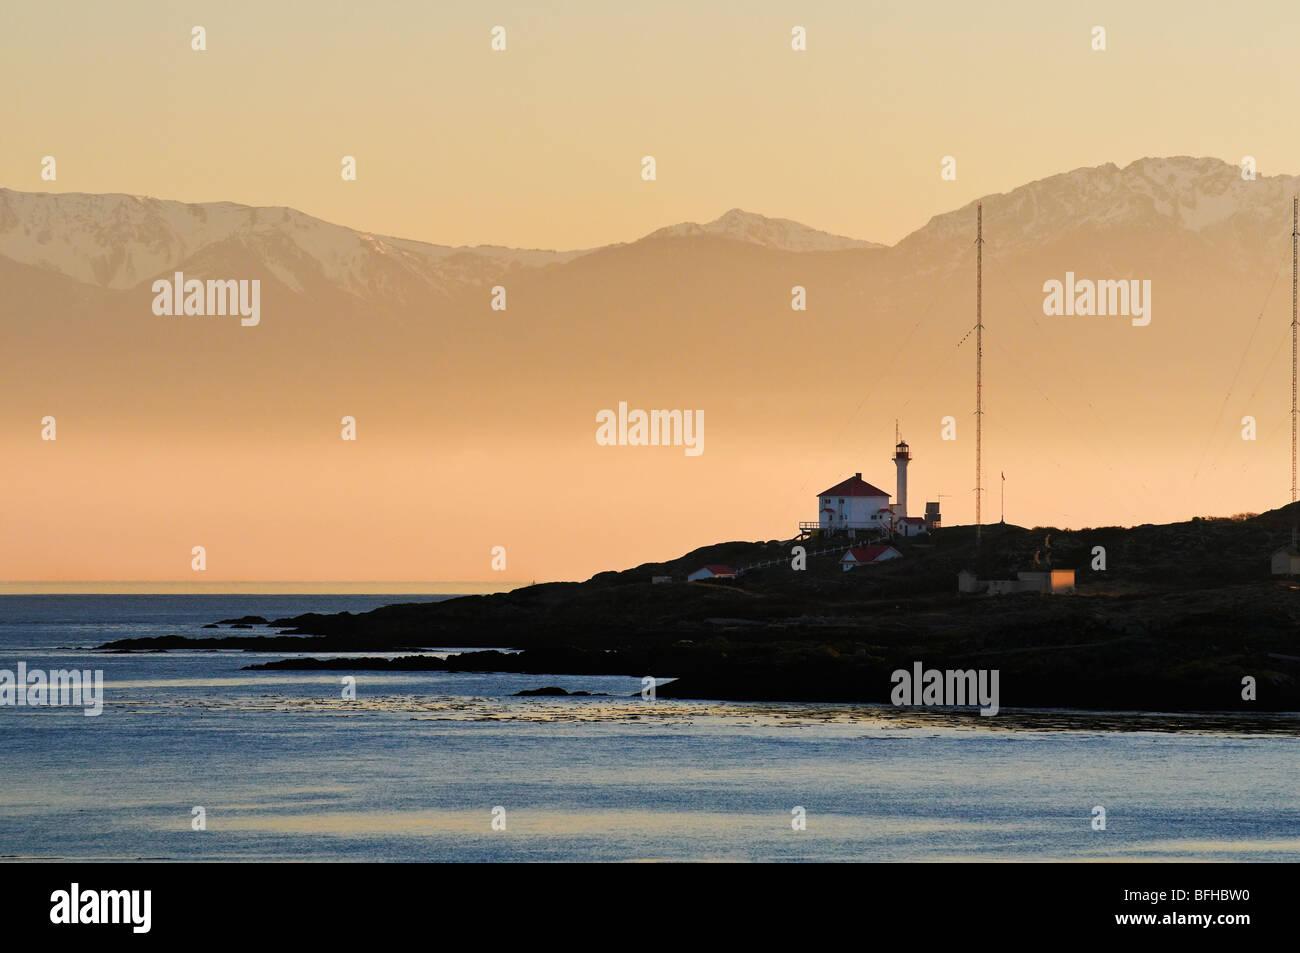 Las montañas olímpicas ofrecen un dramático telón de fondo para el juicio de luz cerca de Isla Imagen De Stock